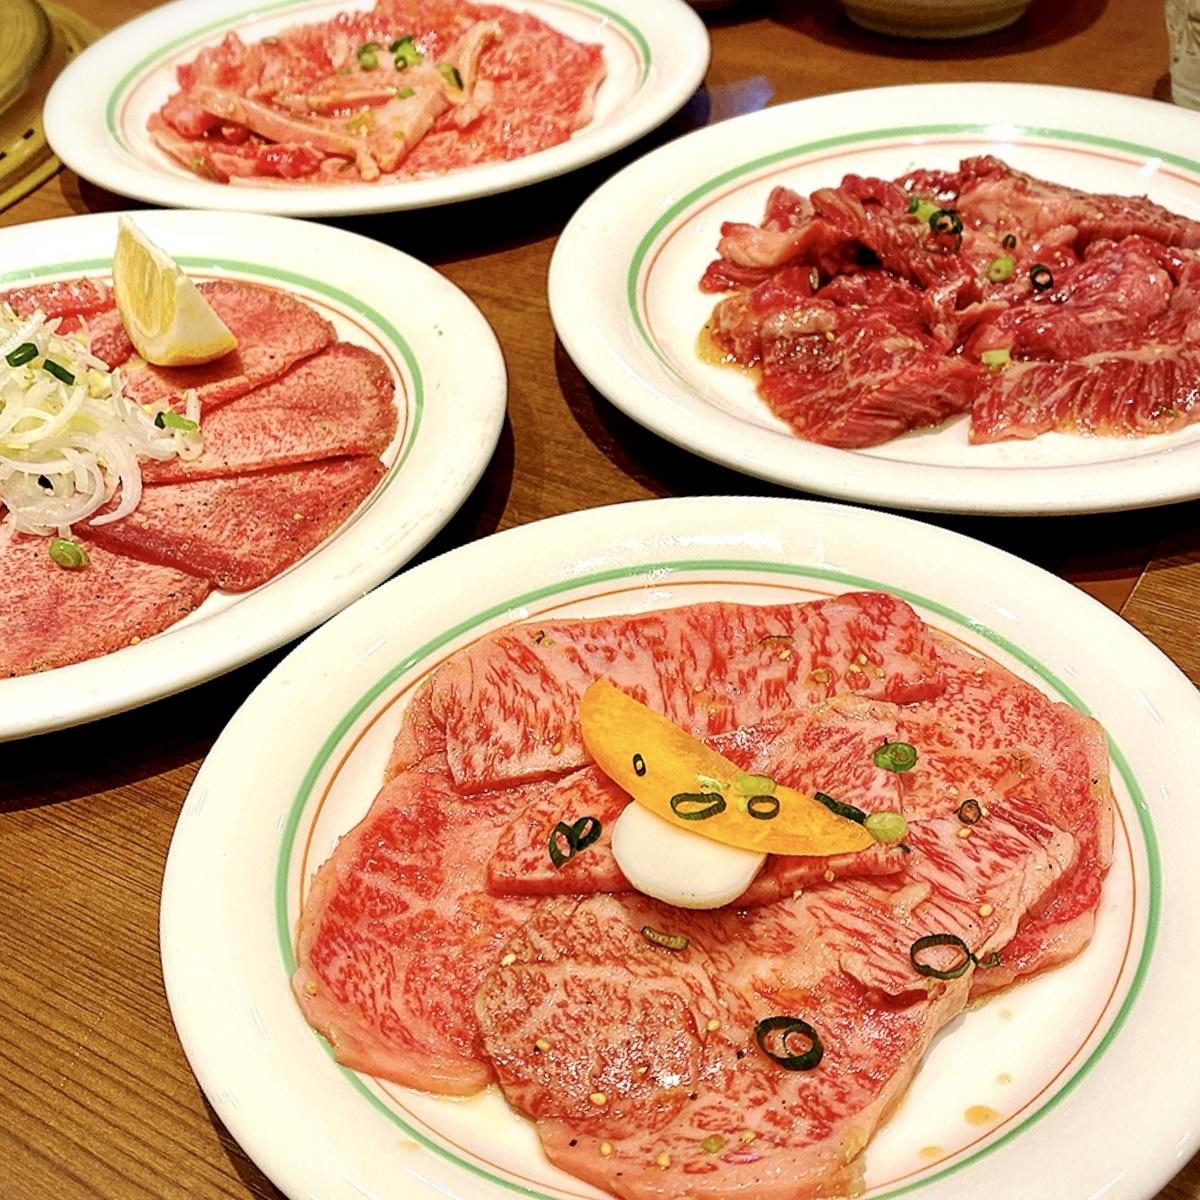 【2020年食べログBronze】鶯谷を代表する焼肉屋!コスパの良さがえぐい